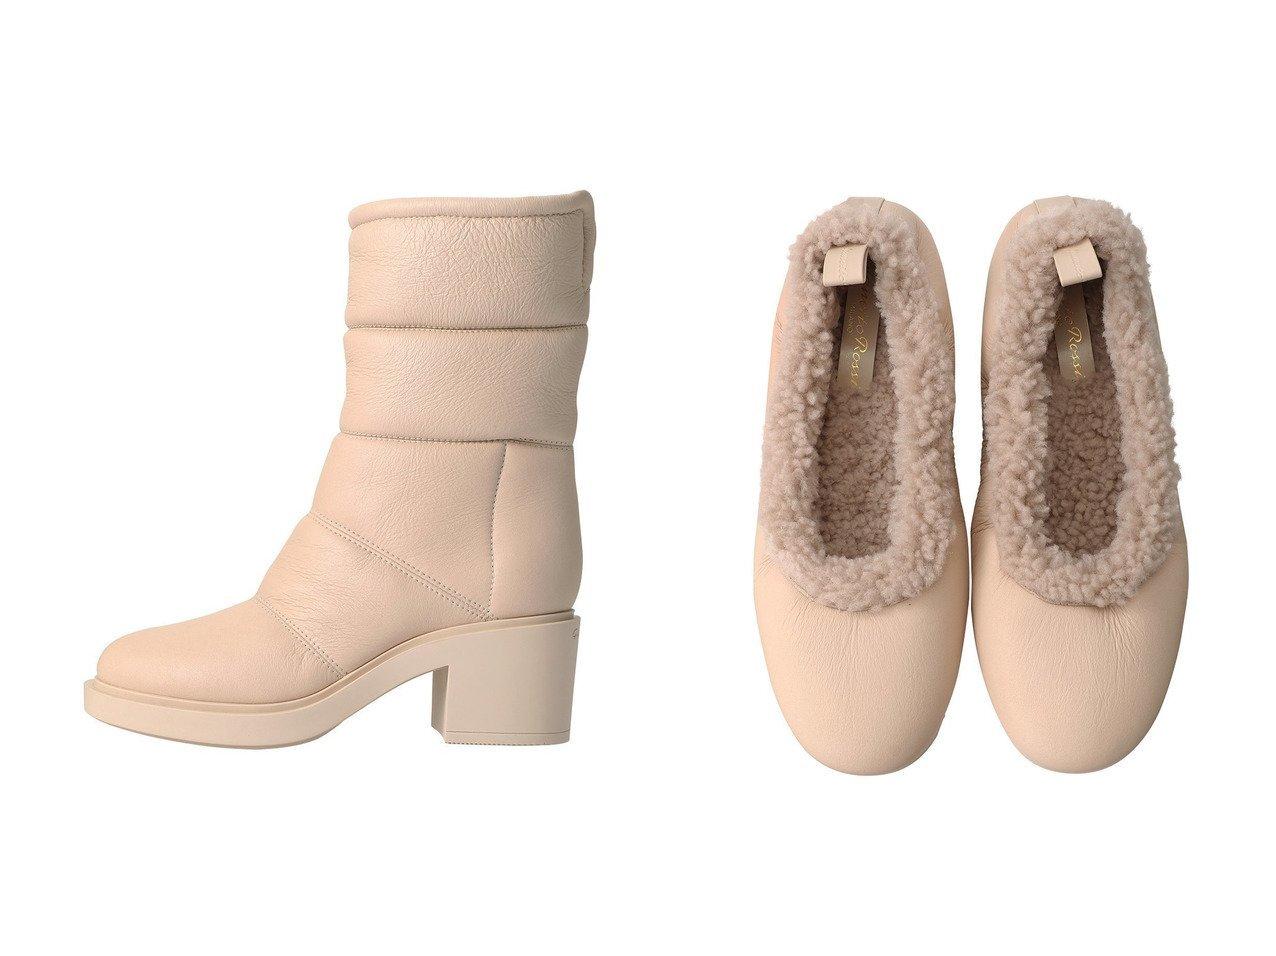 【GIANVITO ROSSI/ジャンビト ロッシ】のキルティングムートンブーツ&SANGA ムートンフラットシューズ 【シューズ・靴】おすすめ!人気、トレンド・レディースファッションの通販 おすすめで人気の流行・トレンド、ファッションの通販商品 インテリア・家具・メンズファッション・キッズファッション・レディースファッション・服の通販 founy(ファニー) https://founy.com/ ファッション Fashion レディースファッション WOMEN キルティング ショート シンプル シューズ トラベル フィット フォルム フラット ムートン |ID:crp329100000072566